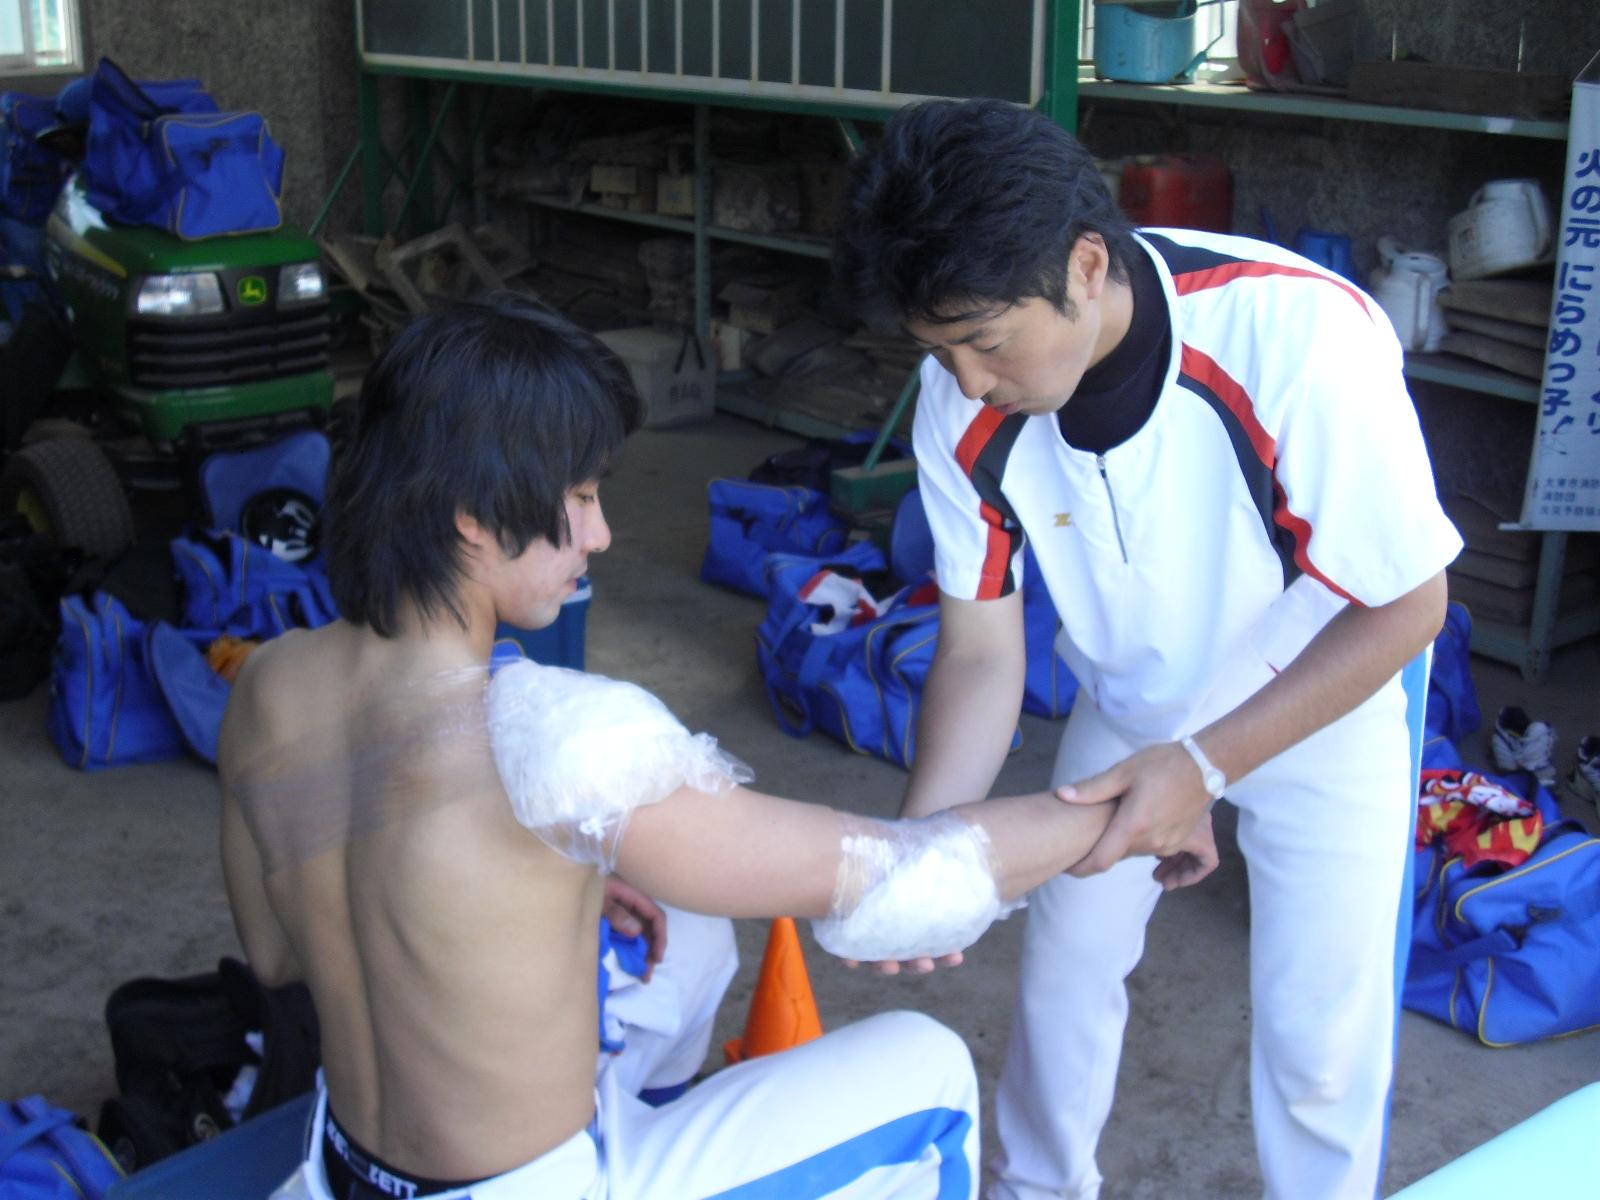 少年野球(ボーイズリーグ)でコーチ・トレーナーとして活動